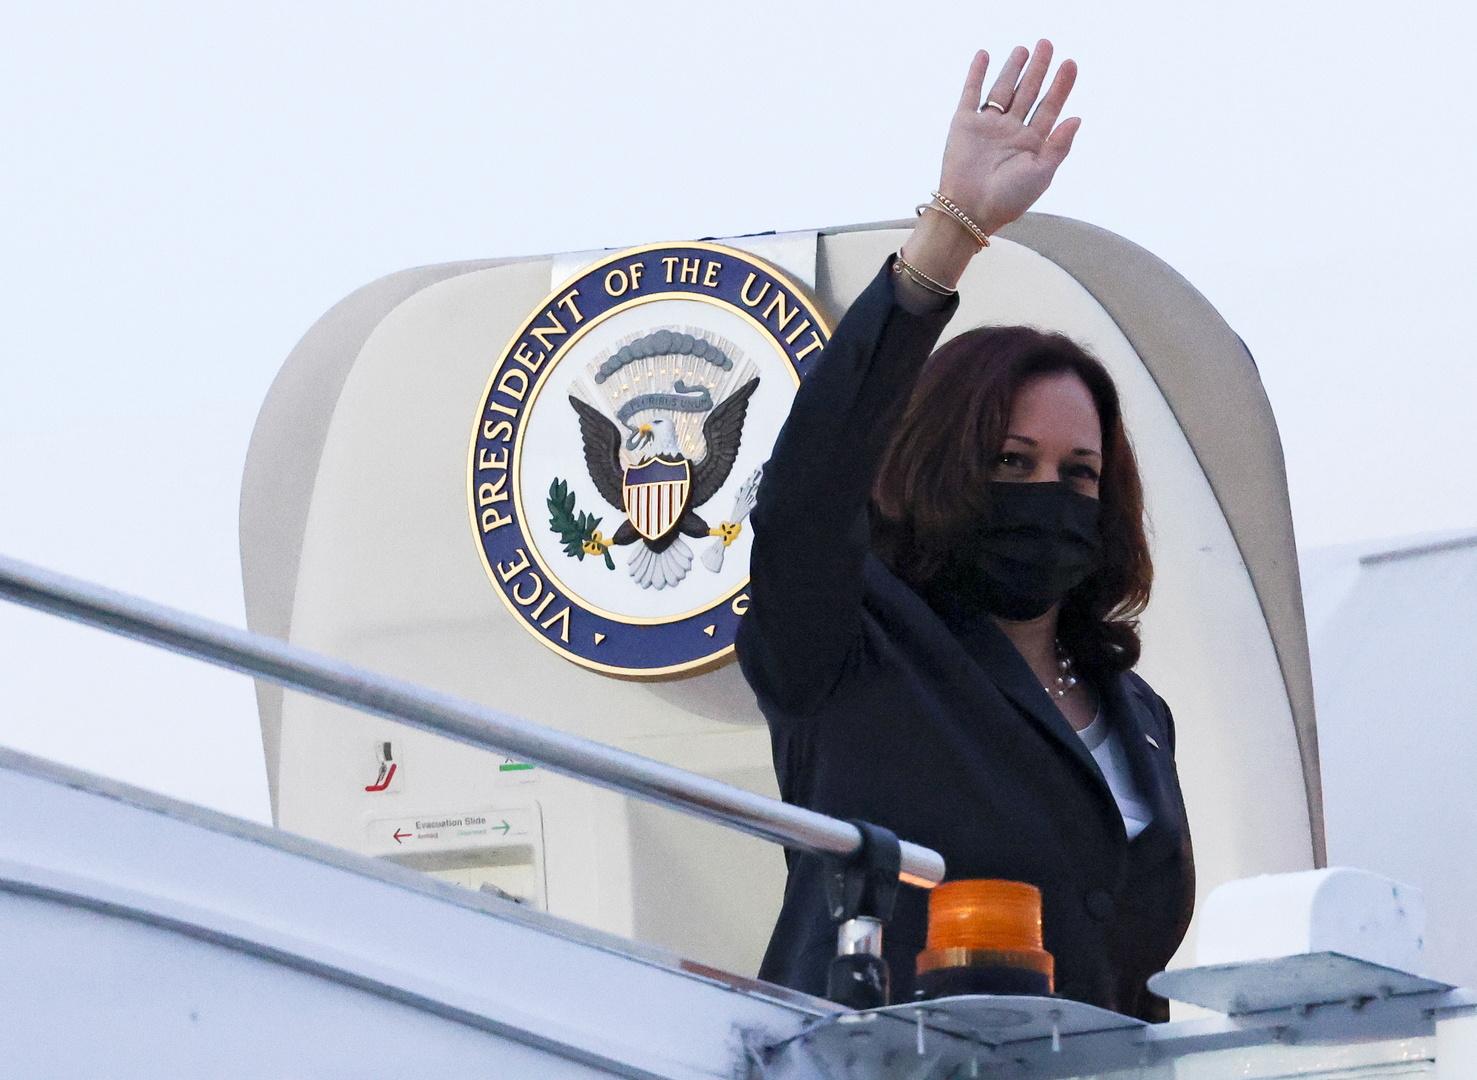 متلازمة هافانا تؤخر هاريس عن رحلتها إلى فيتنام قرابة 3 ساعات